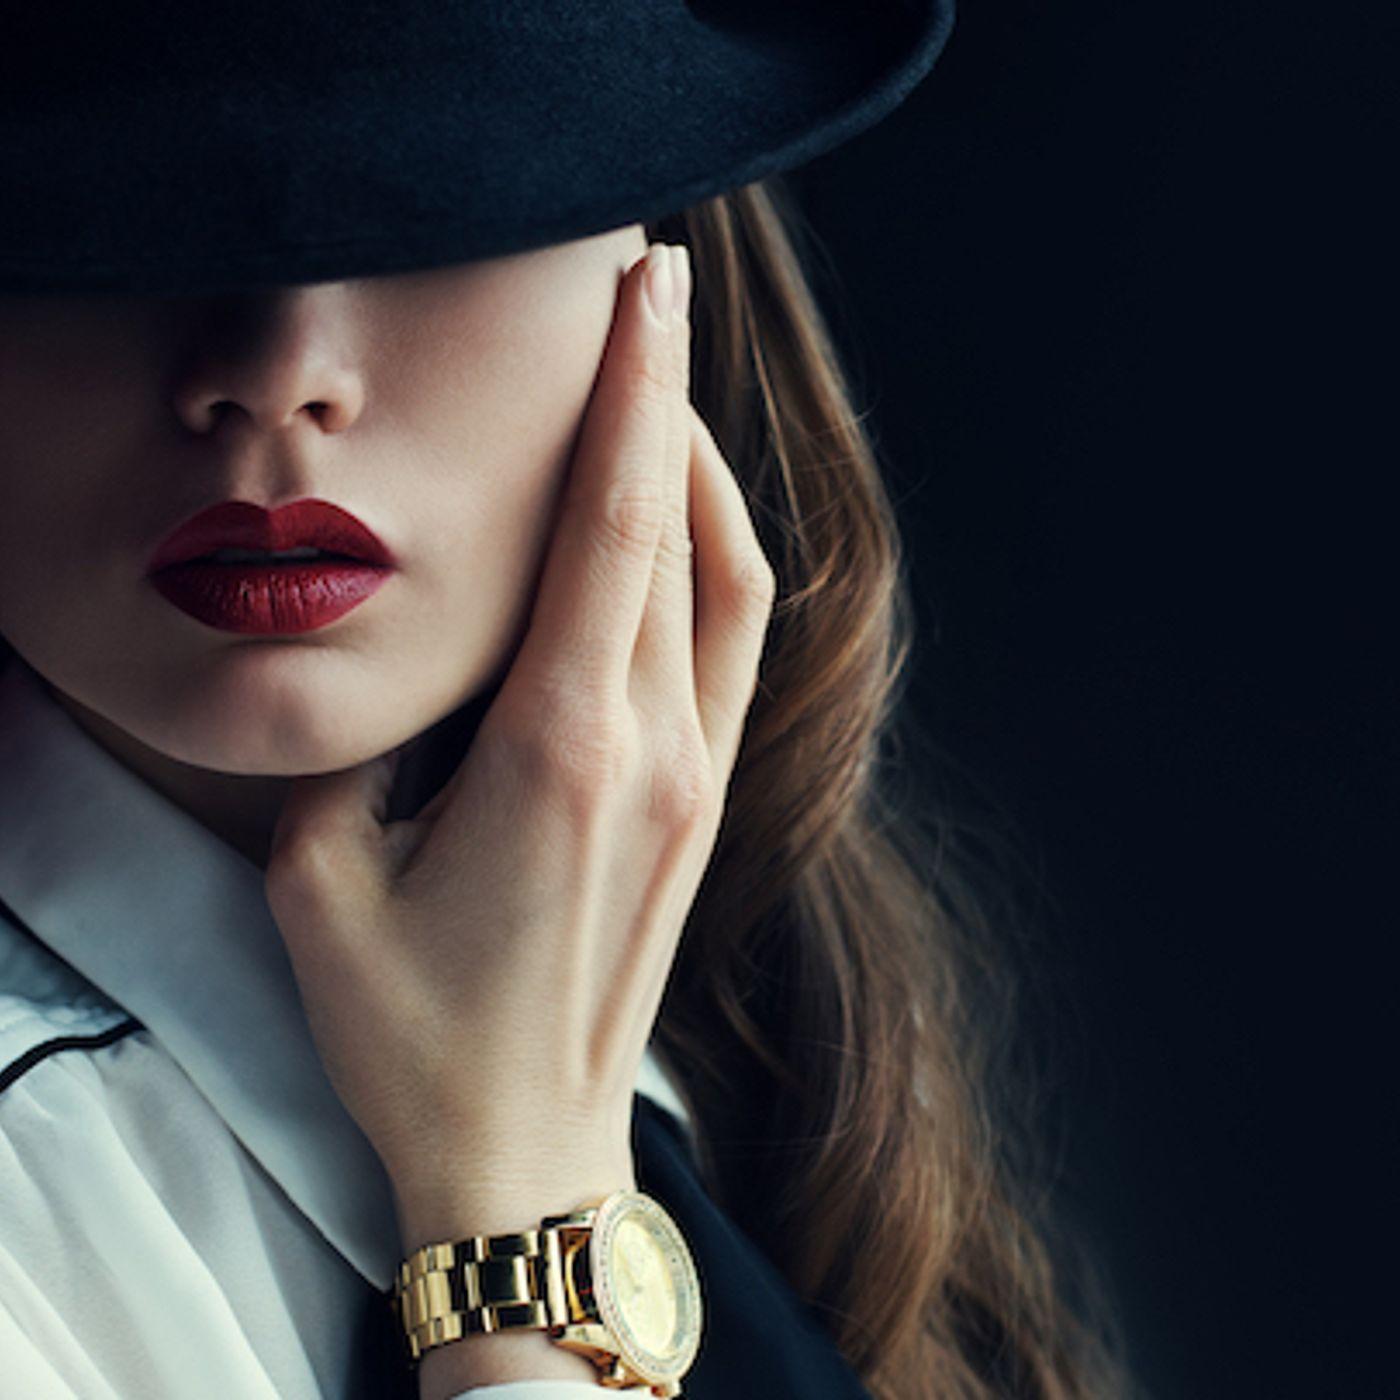 Quelle place pour la seconde main dans l'industrie du luxe?